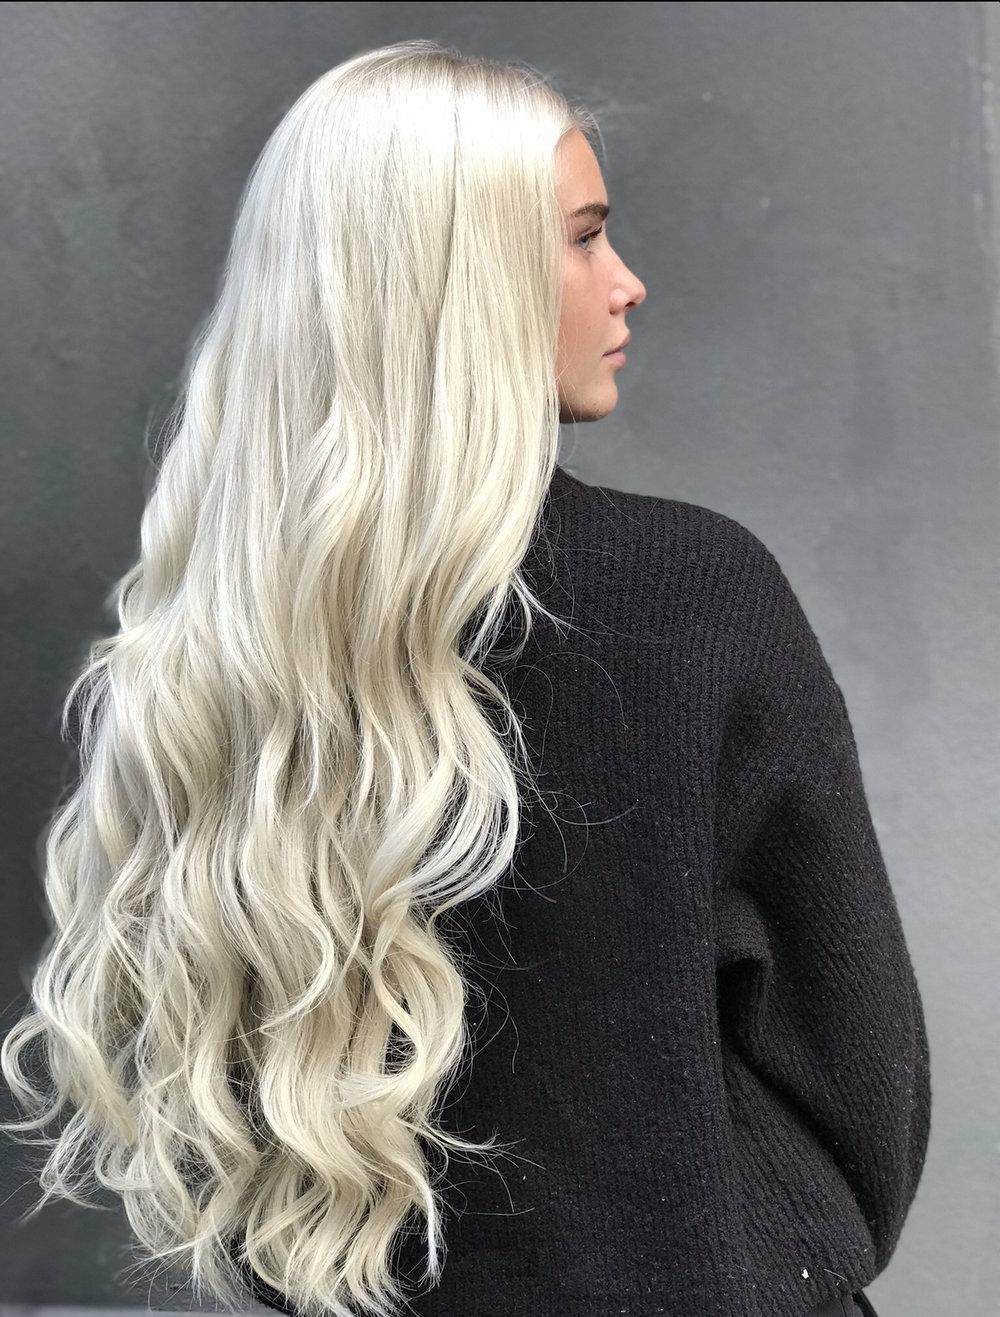 Vi produserer også vårt helt eget Mood Hair Extensions. Her Iceblonde 70 cm på Amalie Snøløs.